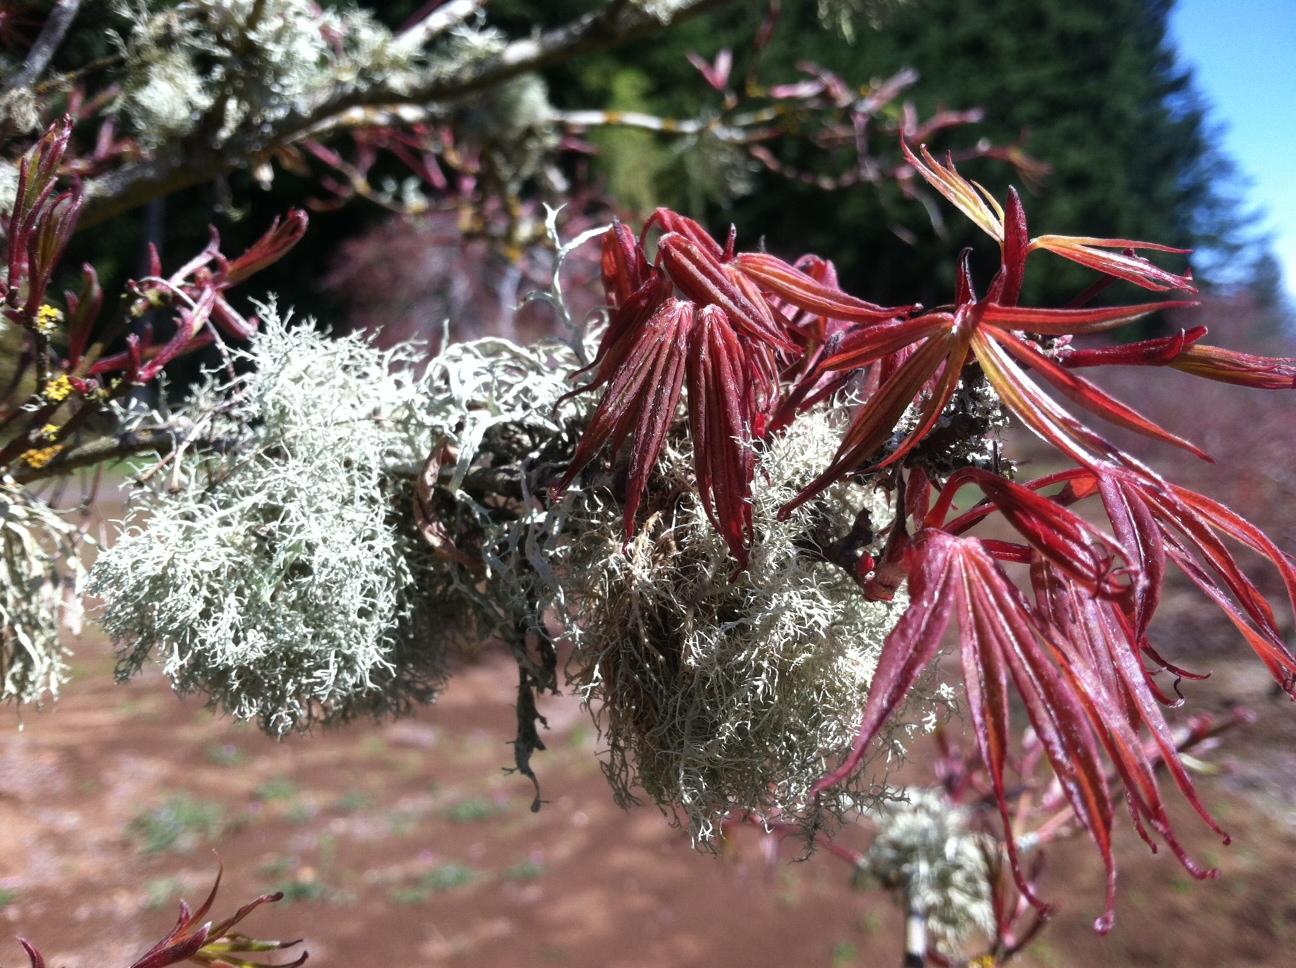 Leaves & lichen